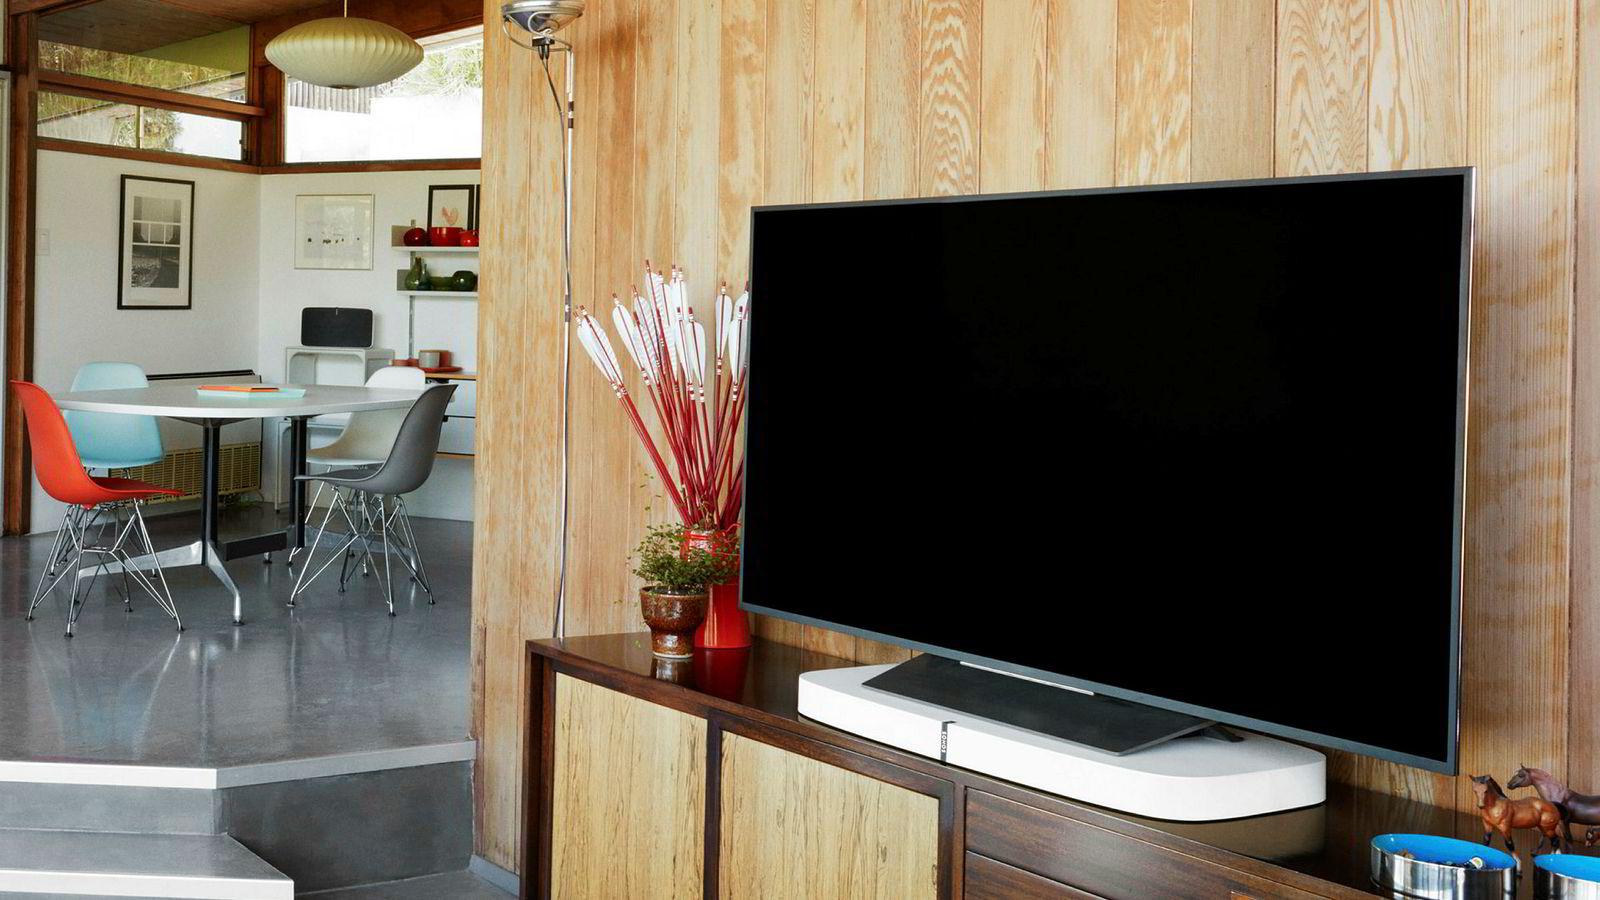 Smarte tv-er, høyttalere og annet utstyr blir ikke overvåket like strengt personvernmessig som nettlesere og apper. Eksperter vil holde bransjen ansvarlig.